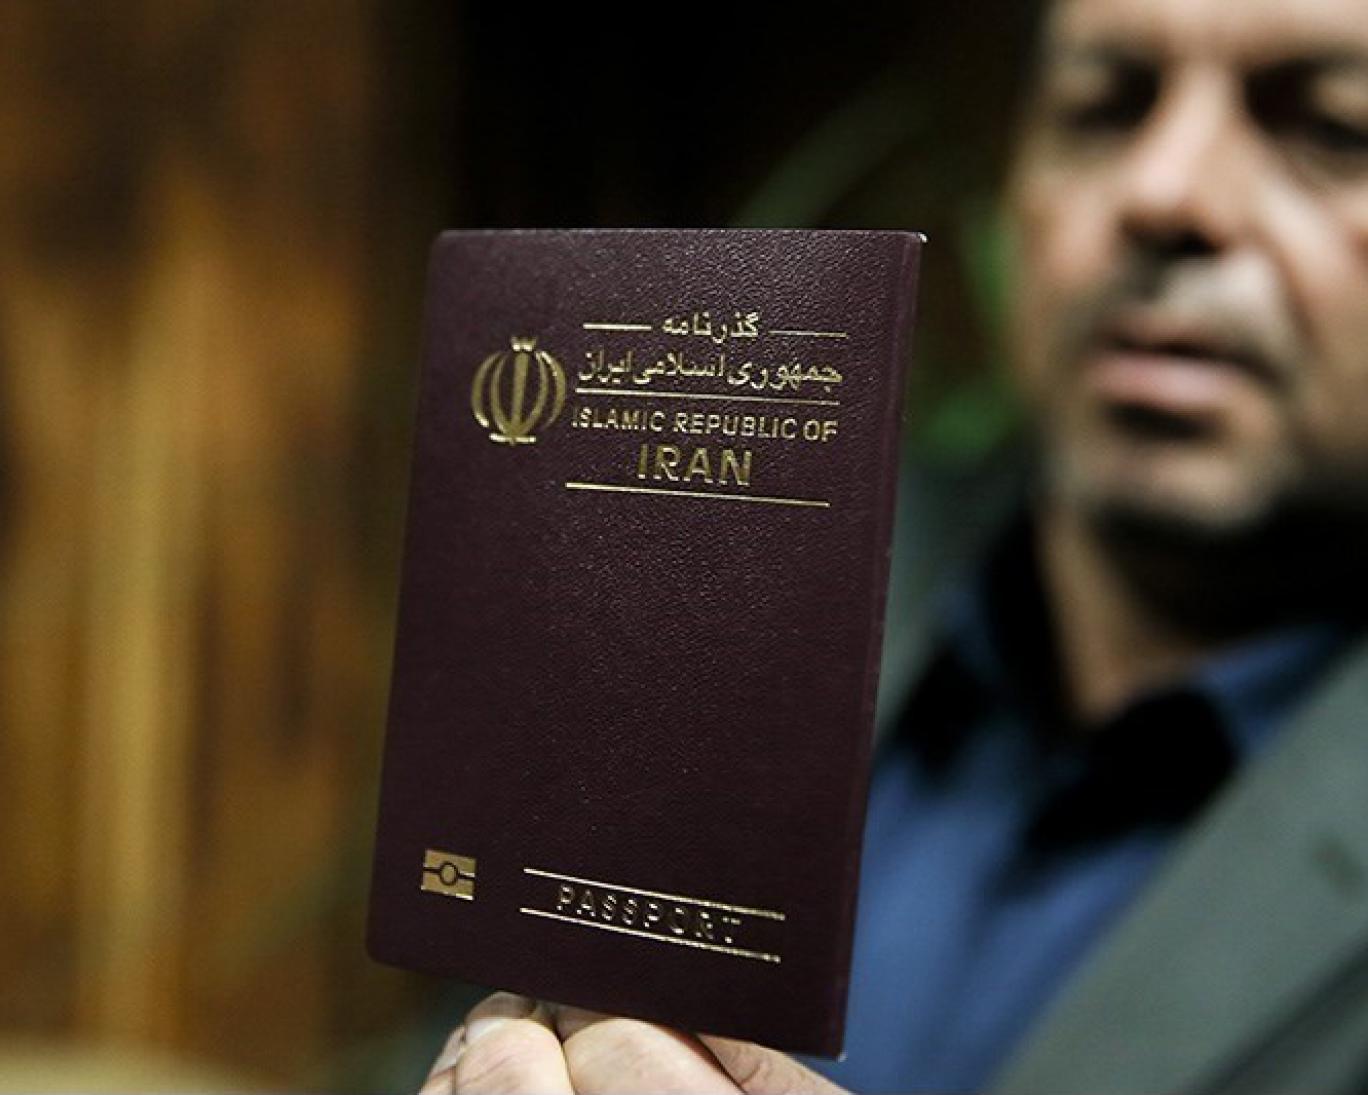 سقوط ۲۰ پلهای ضریب هوشی ایرانیان؛ چهار دهه پس از انقلاب ۵۷